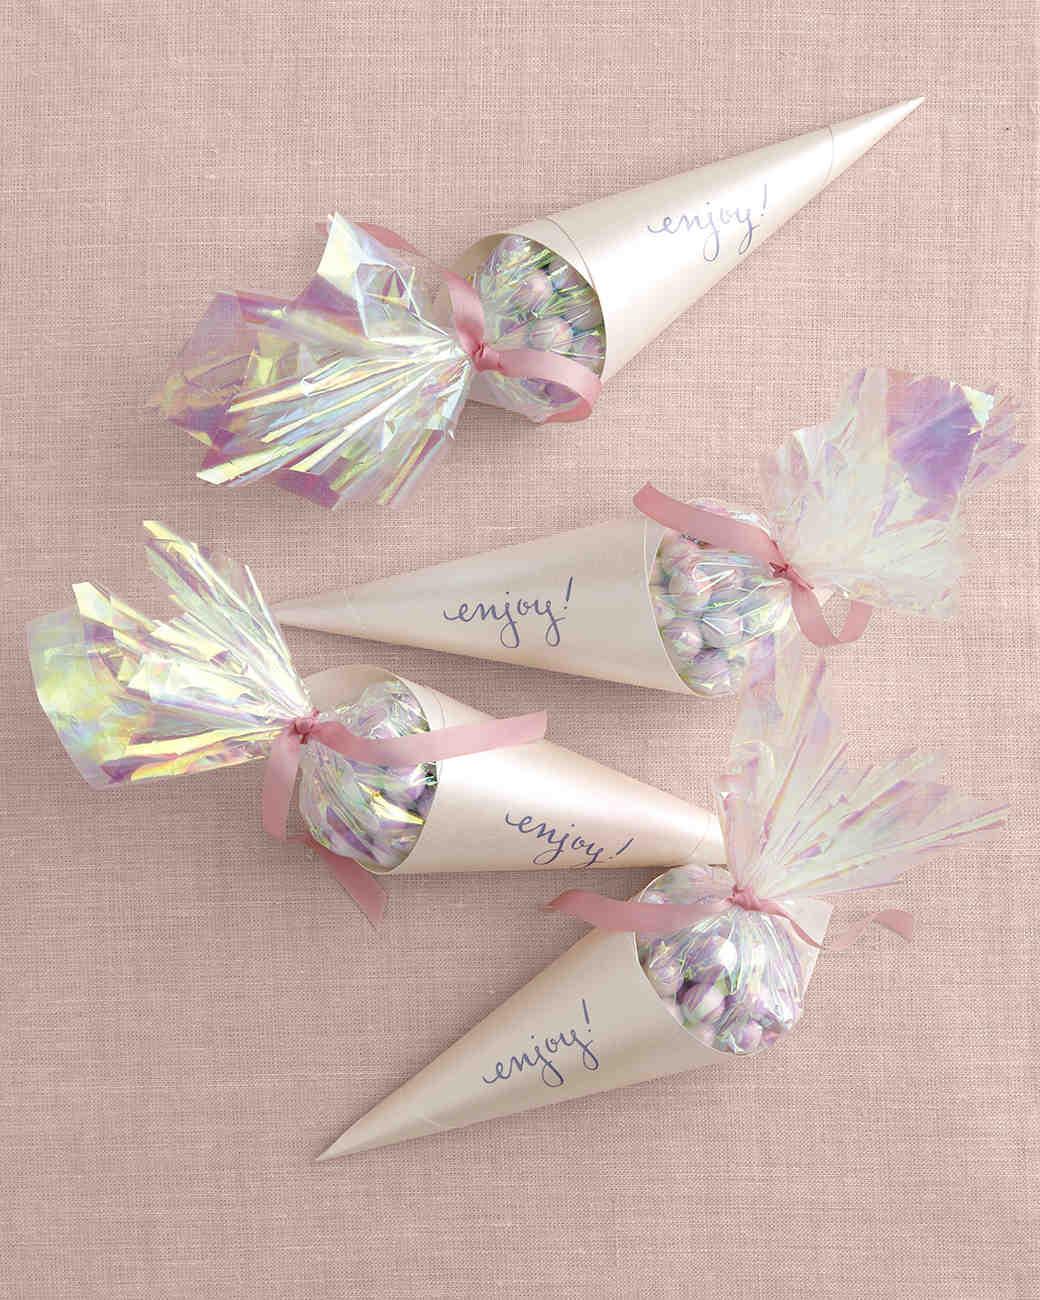 Bridal Shower Favor Ideas That You Can DIY Martha Stewart Weddings